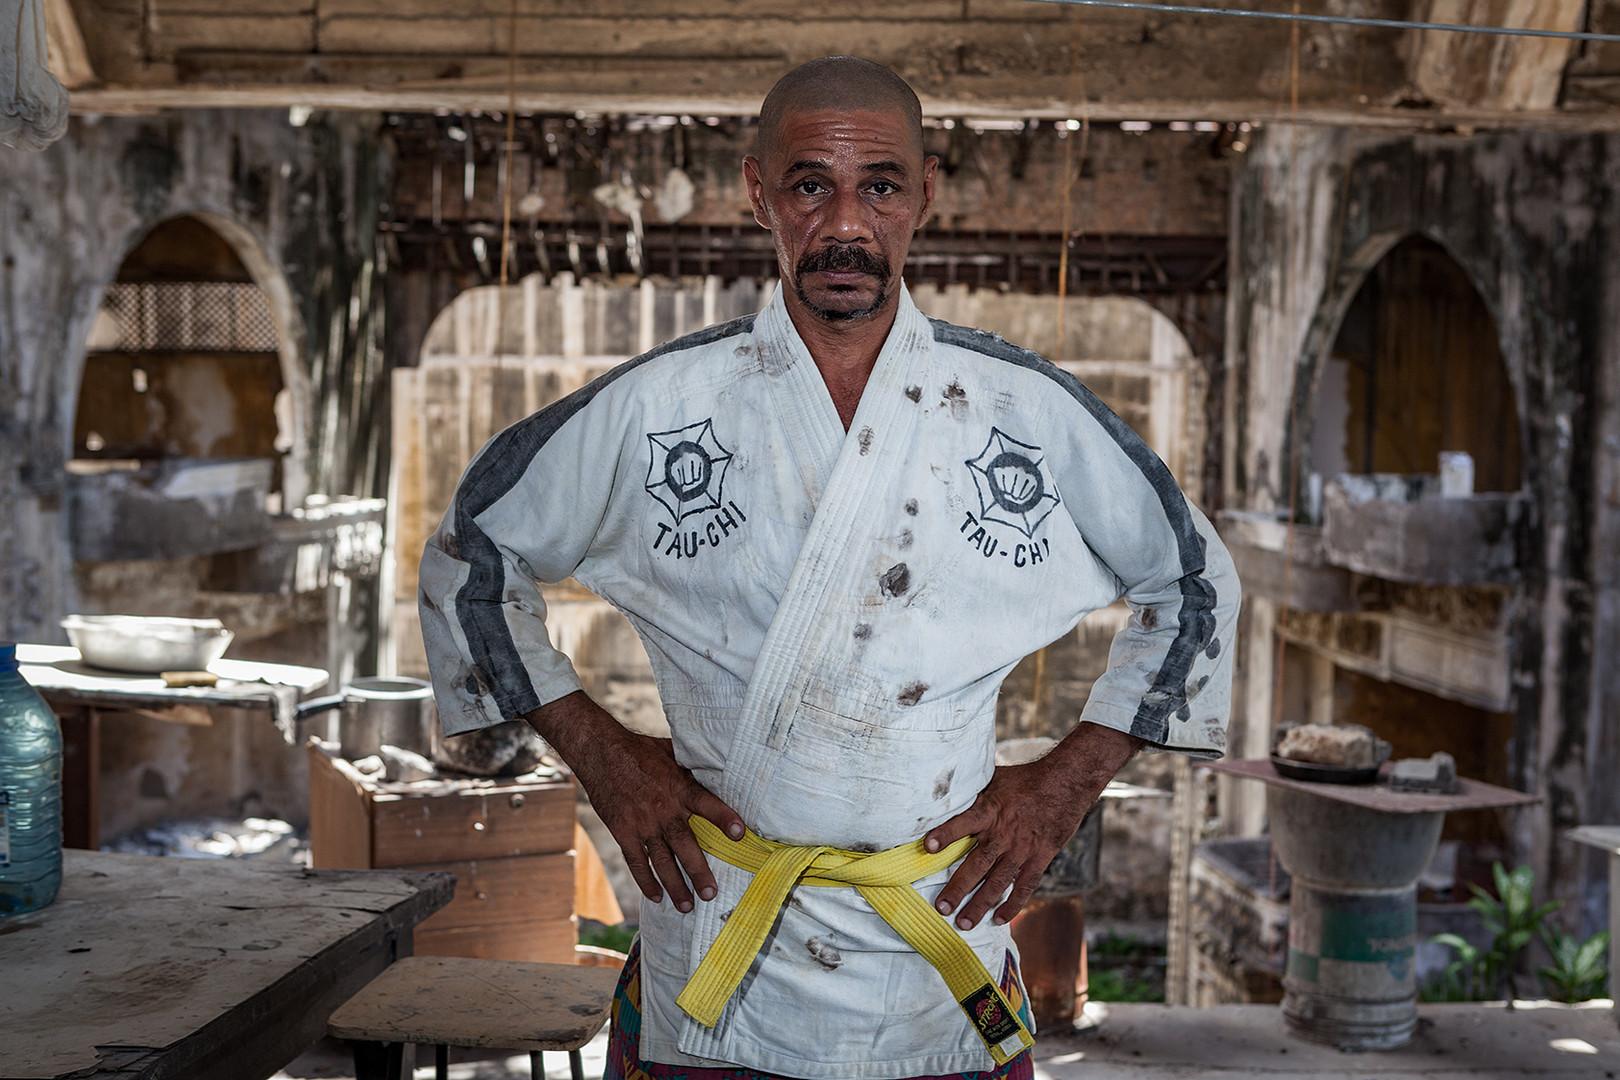 Seit über 30 Jahren praktiziert Reinaldo verschiedene Kampfsportarten.